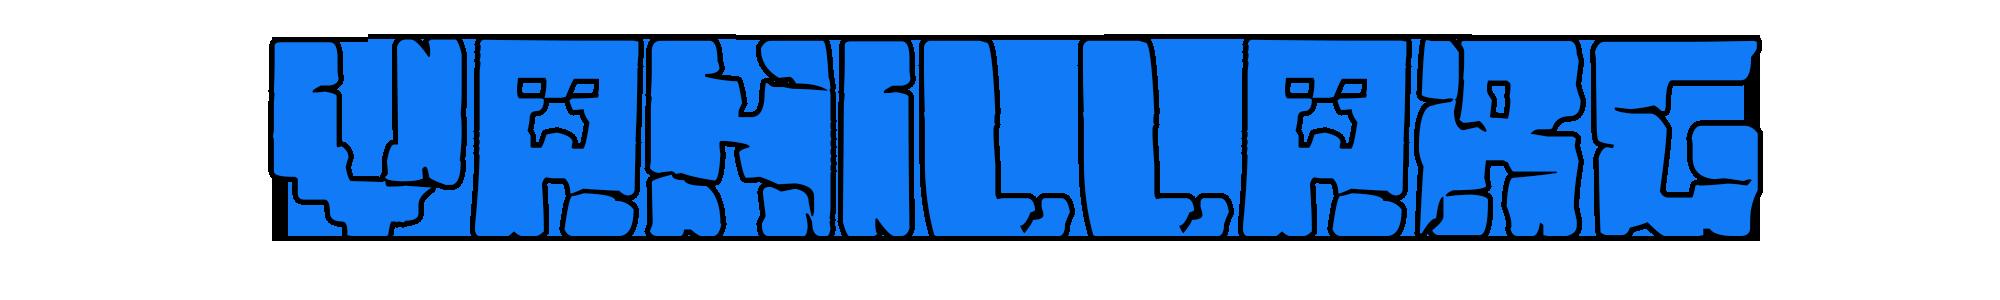 Banner for VanillARG server